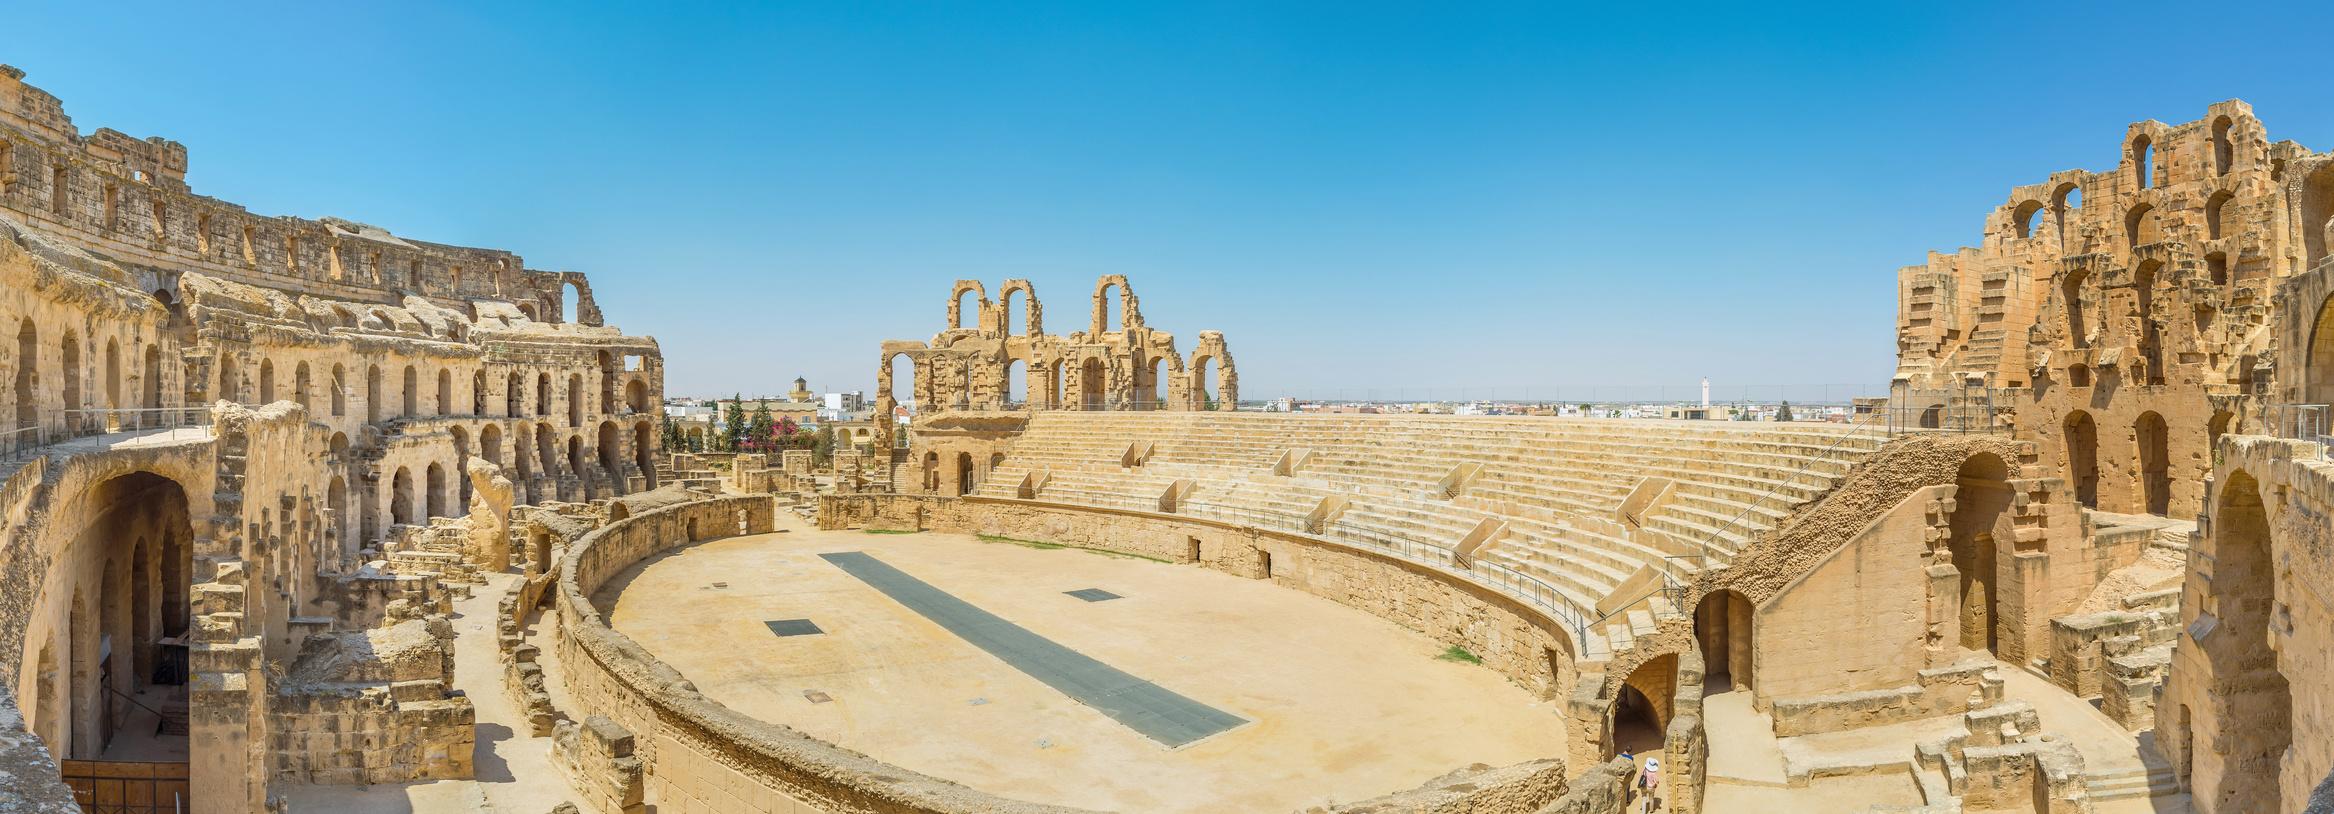 Les Arènes de El Jem, parfait example de l'art romain, Tunisie